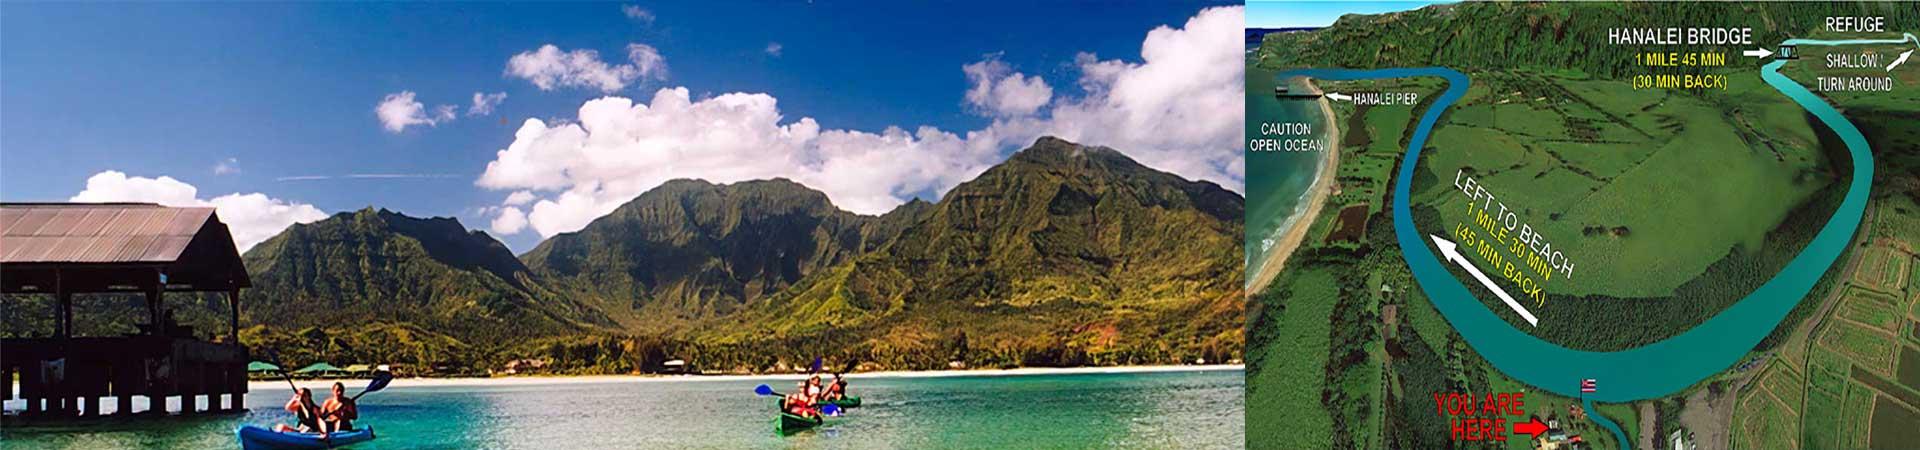 Kayak the Hanalei Bay